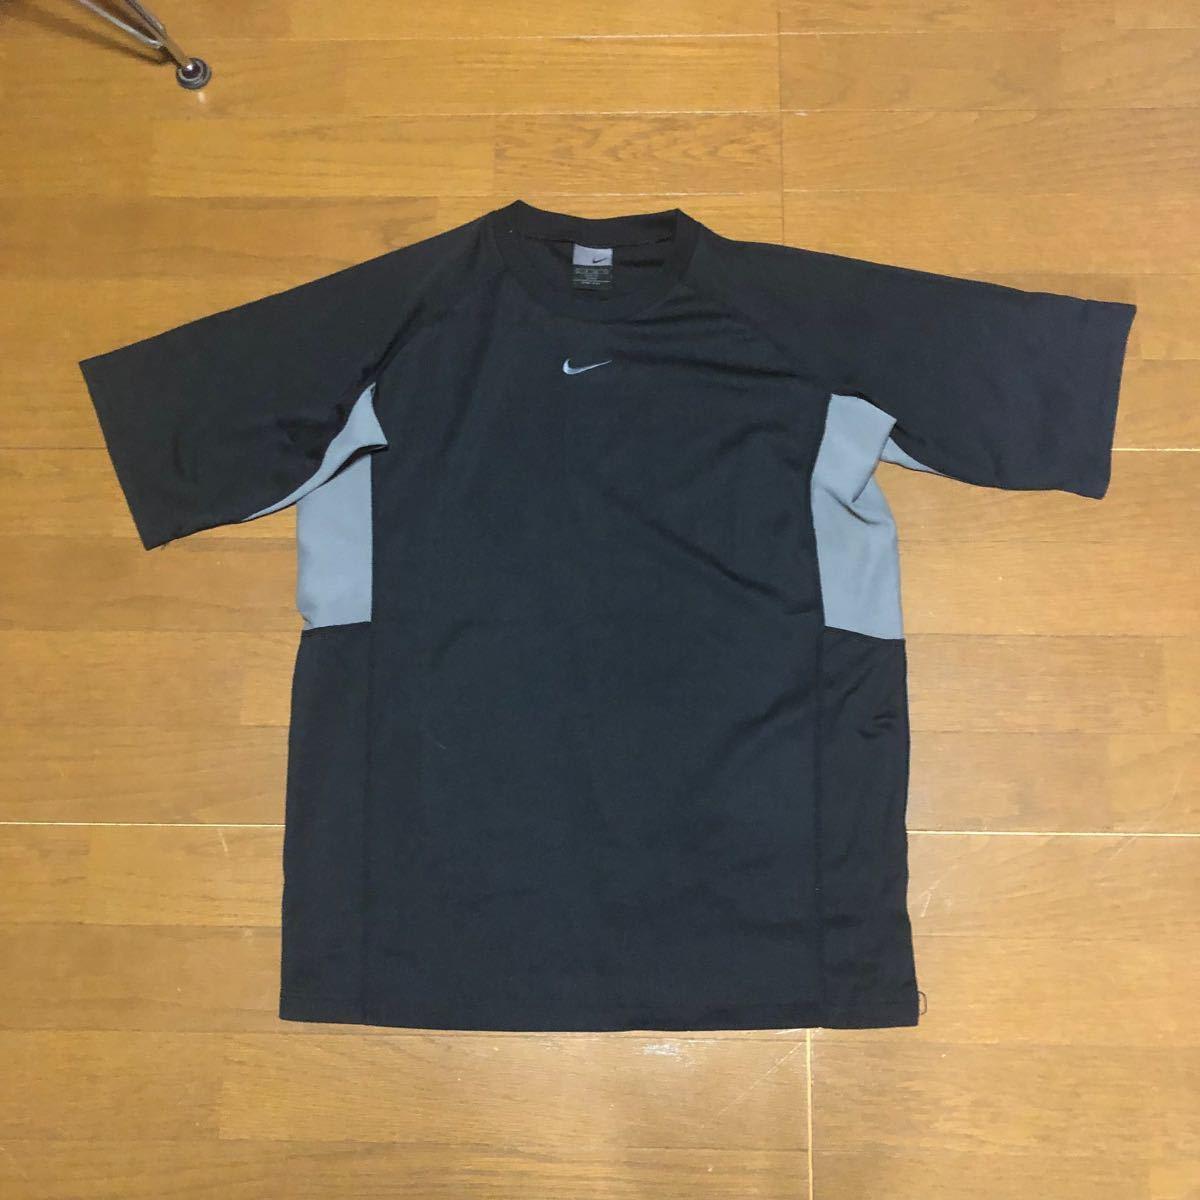 NIKE ナイキ dryfit ドライフィット ドライTシャツ 半袖 tシャツ 半袖シャツ メンズ ロゴ 刺繍 スポーツ ウェア